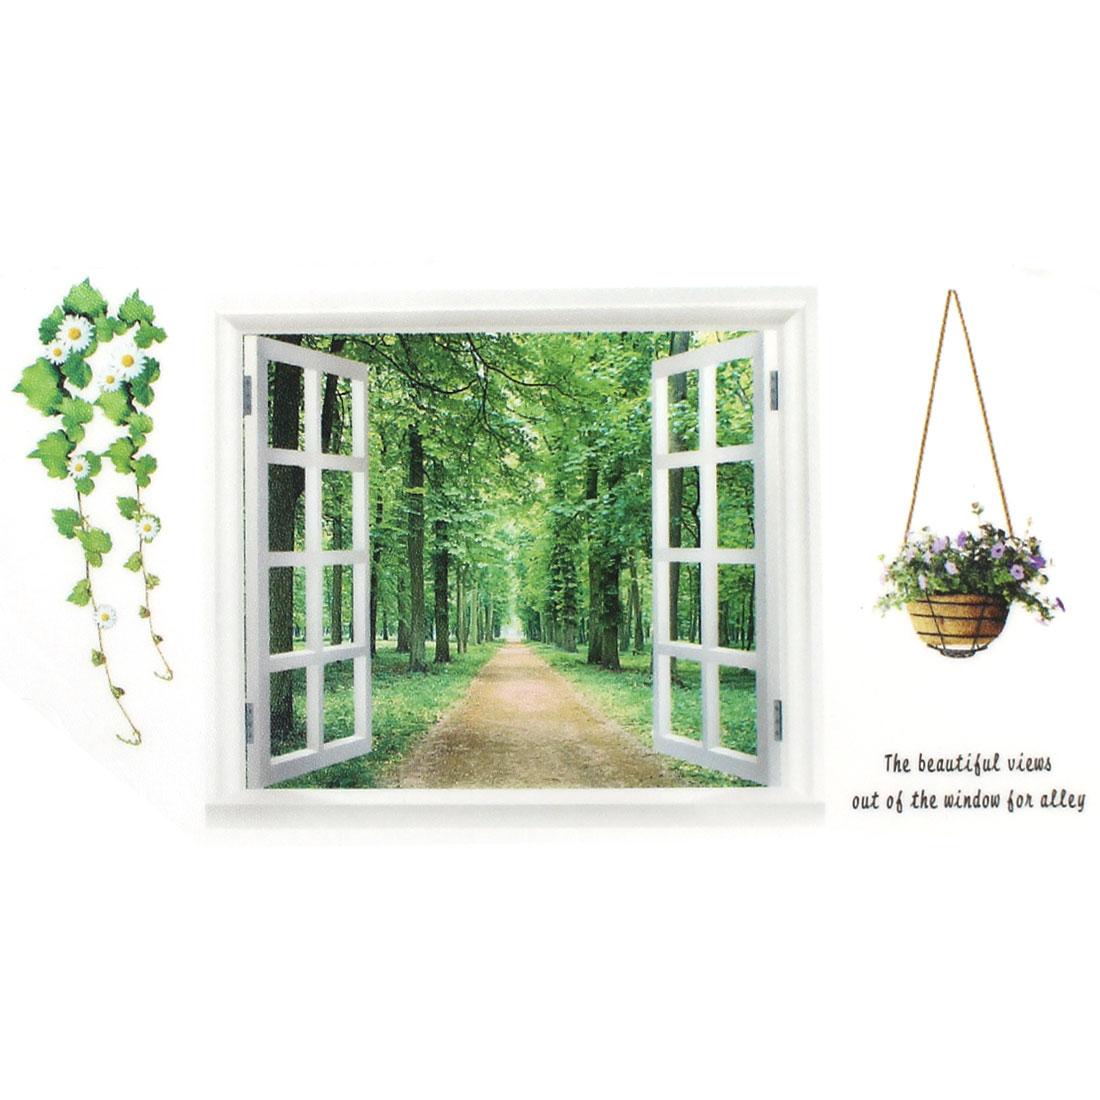 Vinyl Window Branch Trunk Wall Art Sticker Decal Home Decor Mural Green